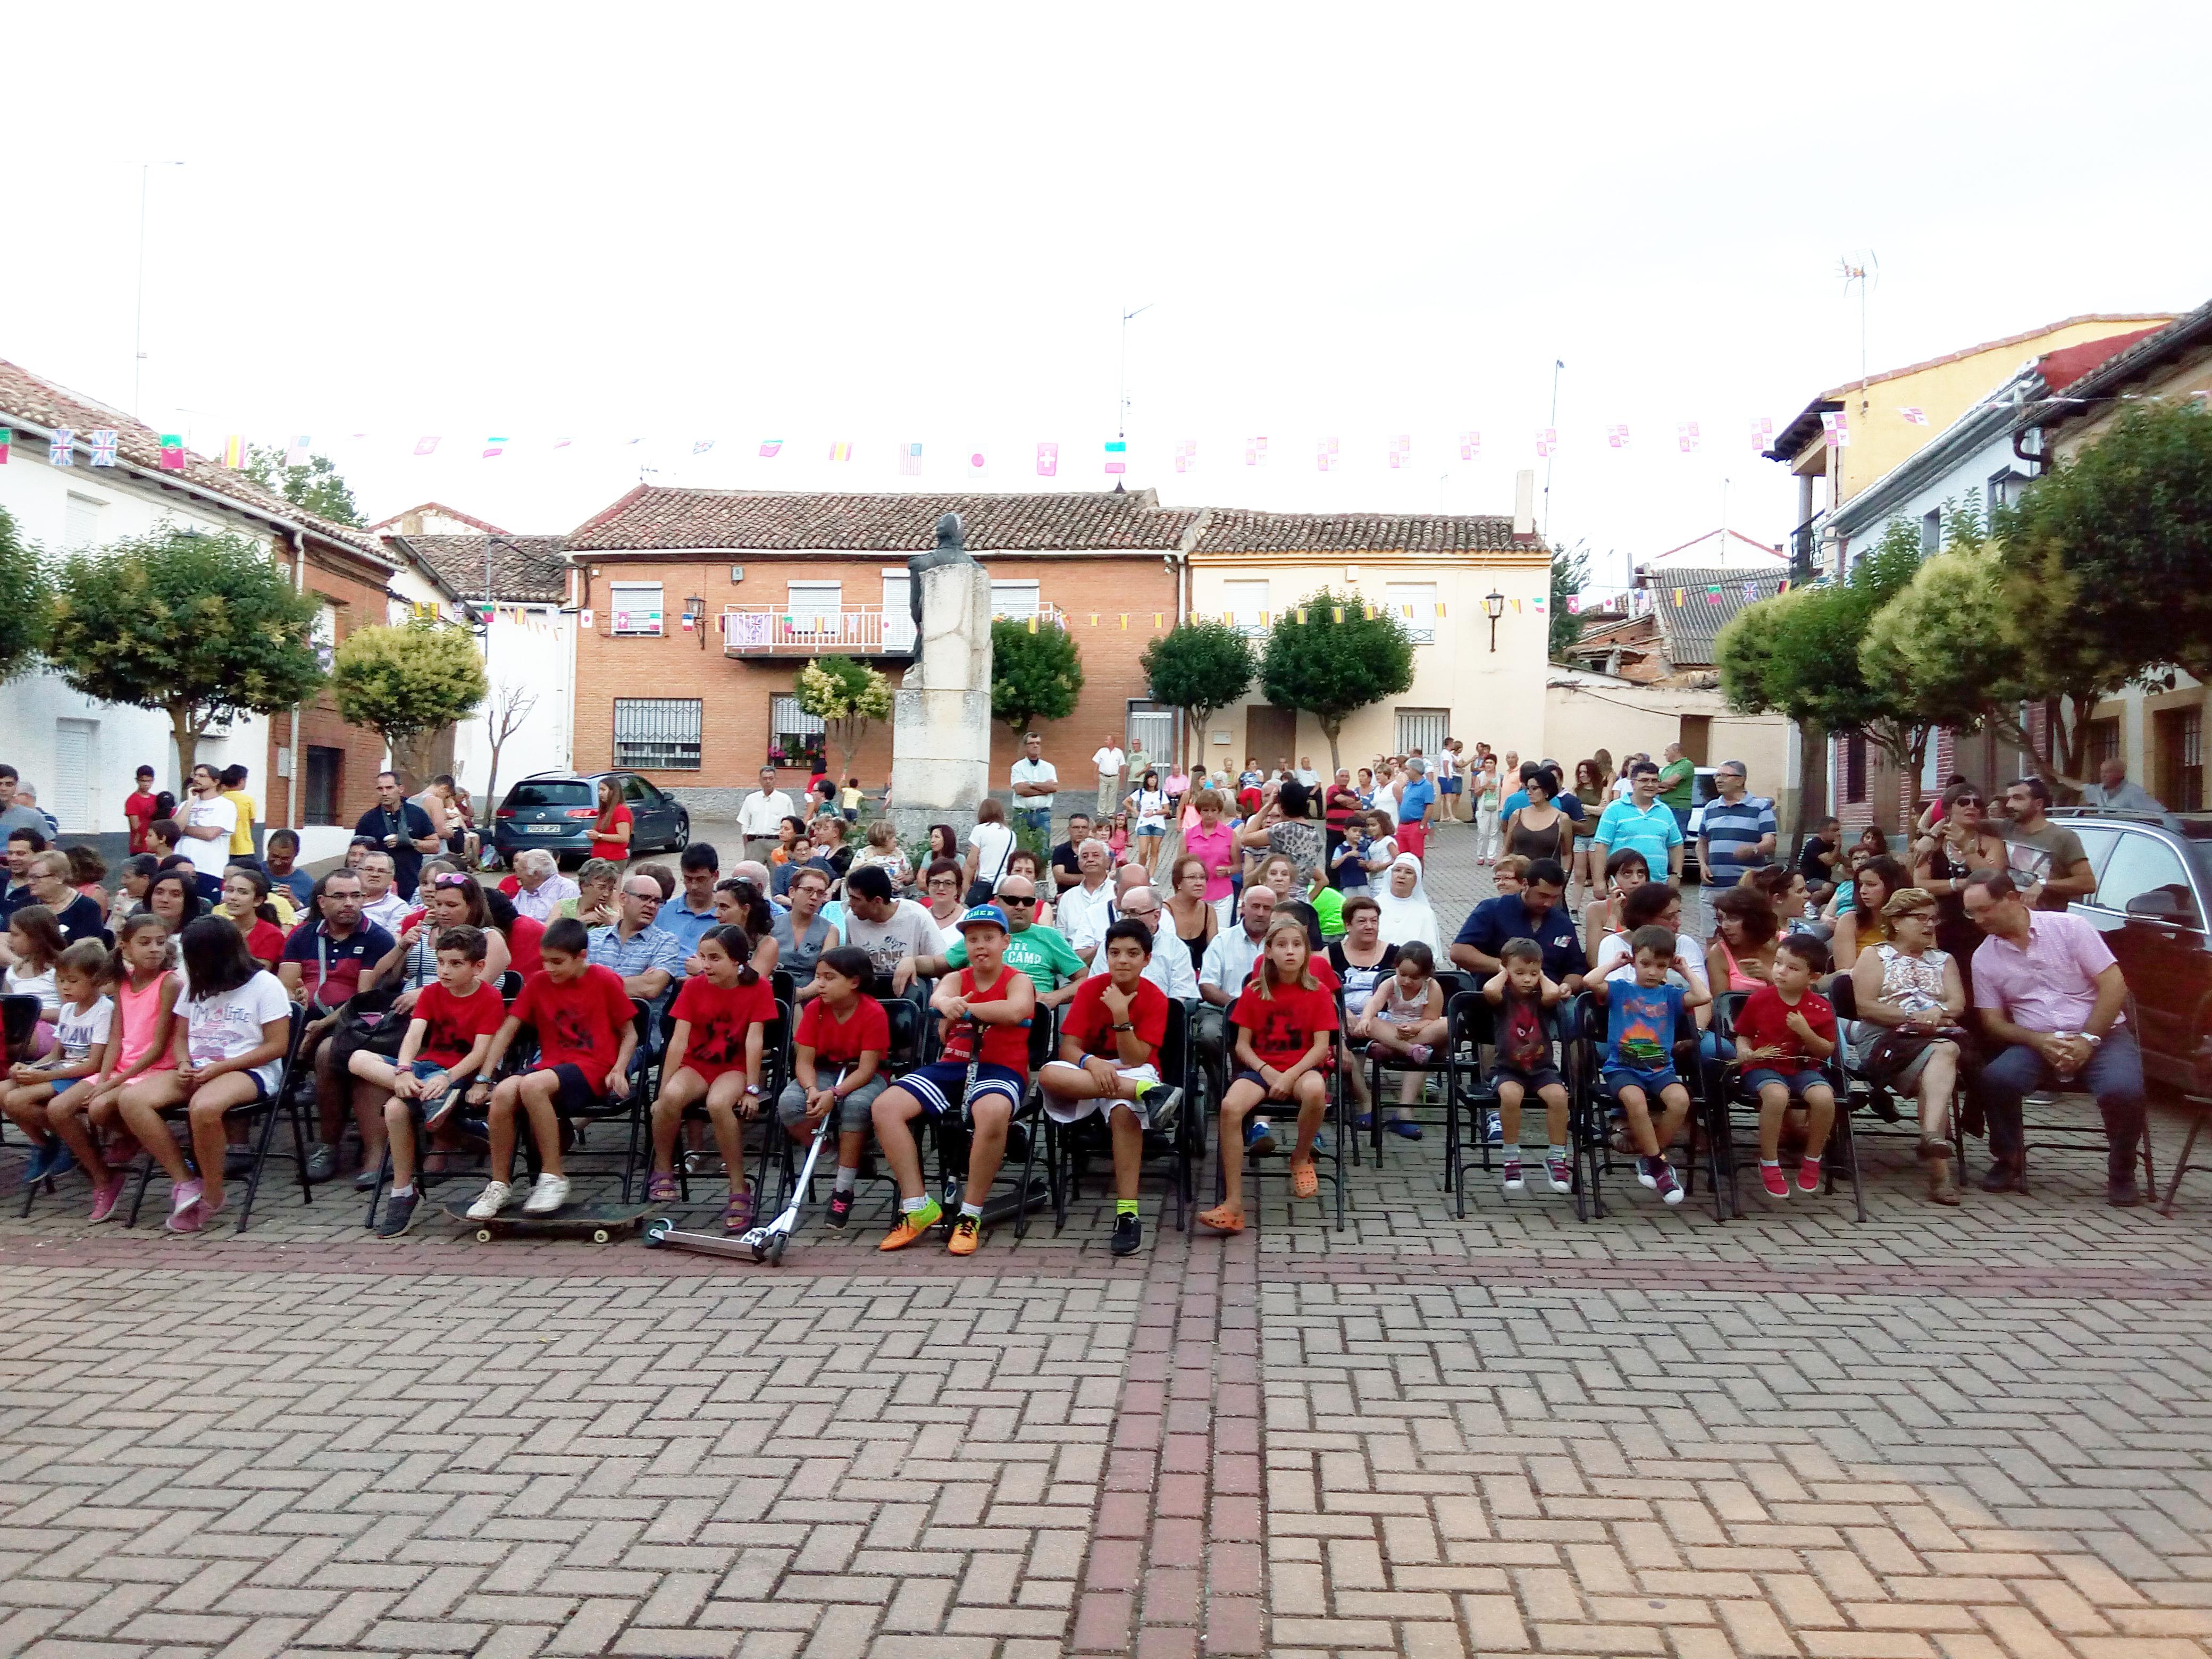 Garrapette 2016 (2)